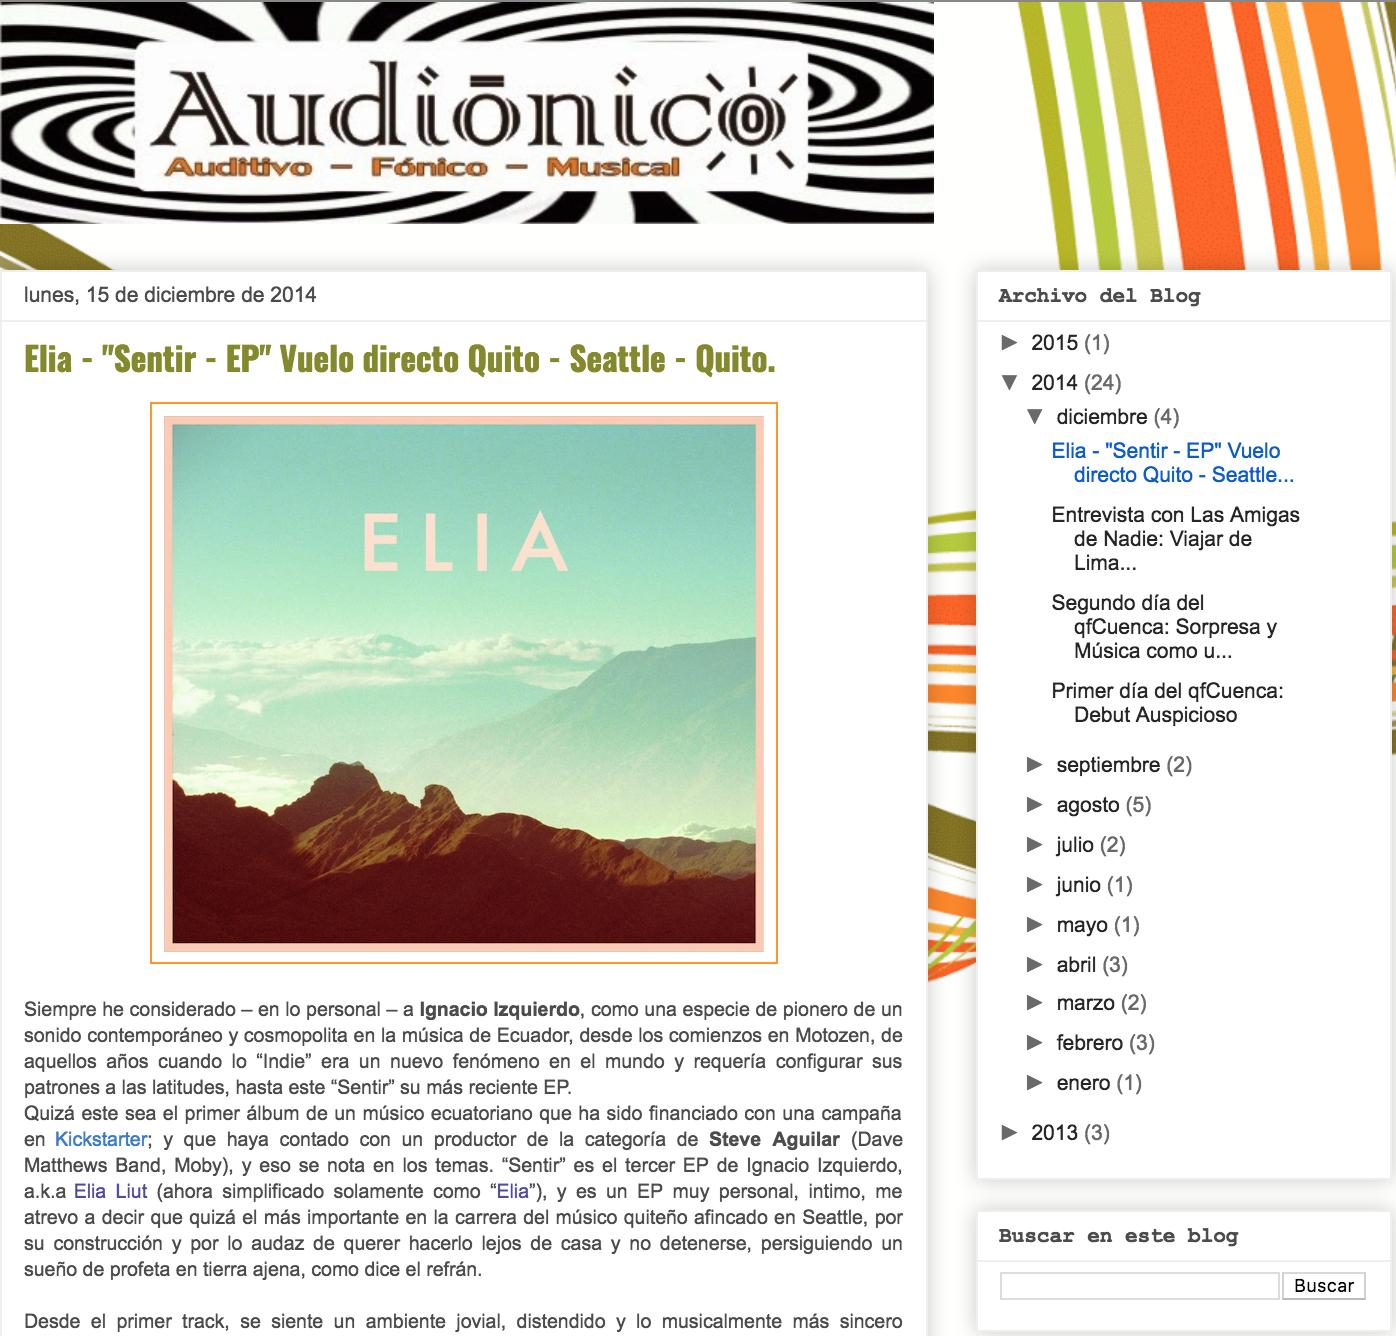 """AUDIÓNICO - """"Siempre he considerado – en lo personal – a Ignacio Izquierdo, como una especie de pionero de un sonido contemporáneo y cosmopolita en la música de Ecuador, desde los comienzos en Motozen, de aquellos años cuando lo """"Indie"""" era un nuevo fenómeno en el mundo y requería configurar sus patrones a las latitudes, hasta este """"Sentir"""" su más reciente EP."""""""